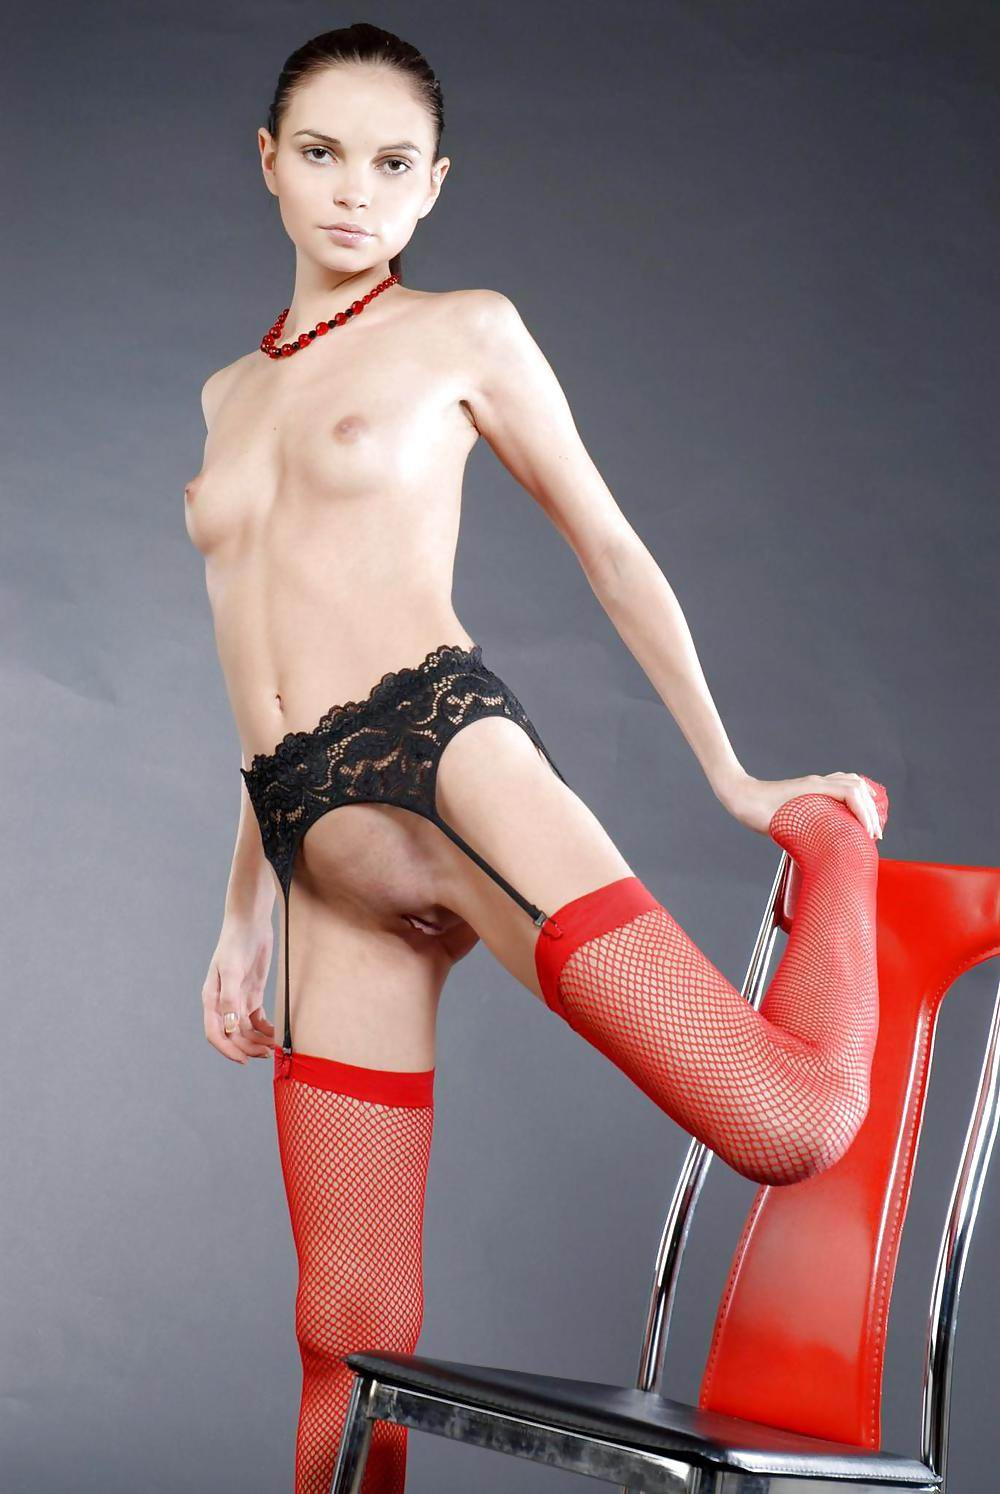 nude blonde porn pics